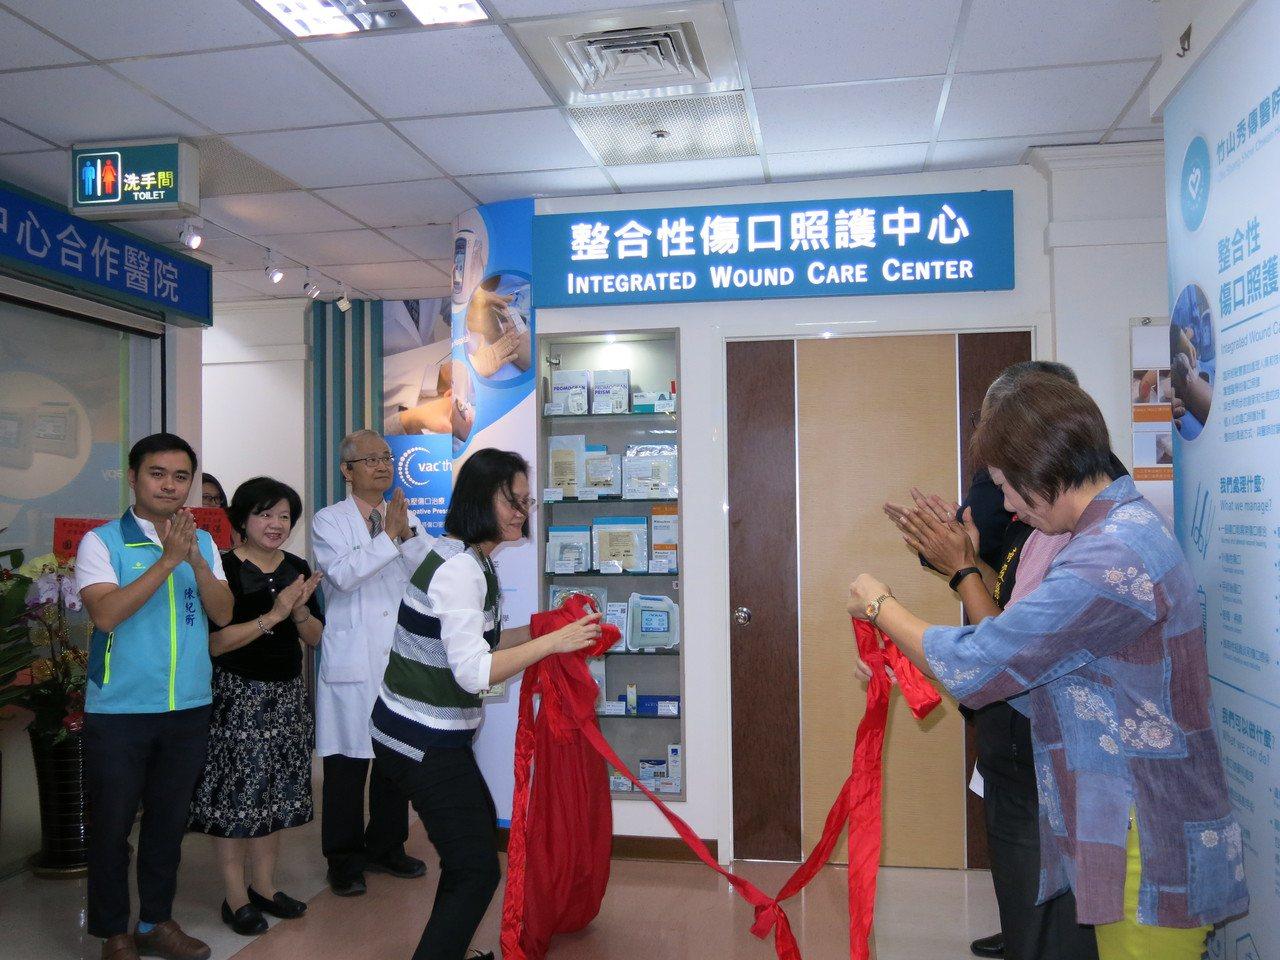 竹山秀傳上午成立中台灣第一間以治療負壓傷口為主,並搭配低能量遠紅外線治療所成立的...